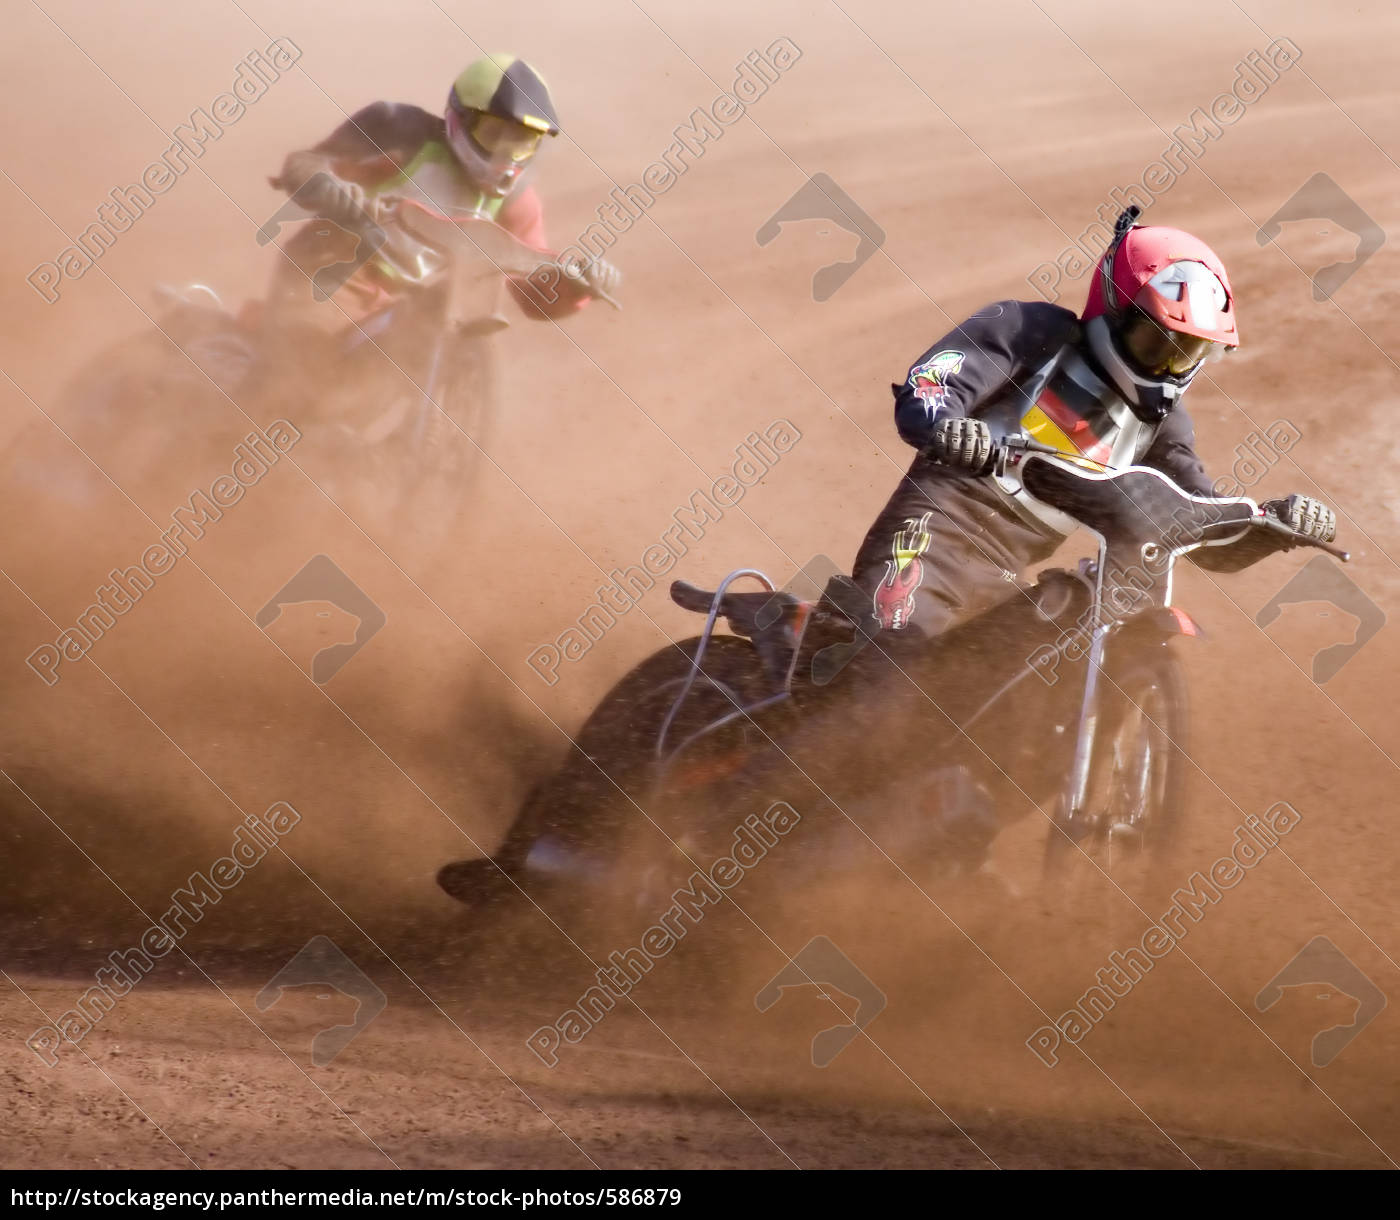 speedway, racing - 586879